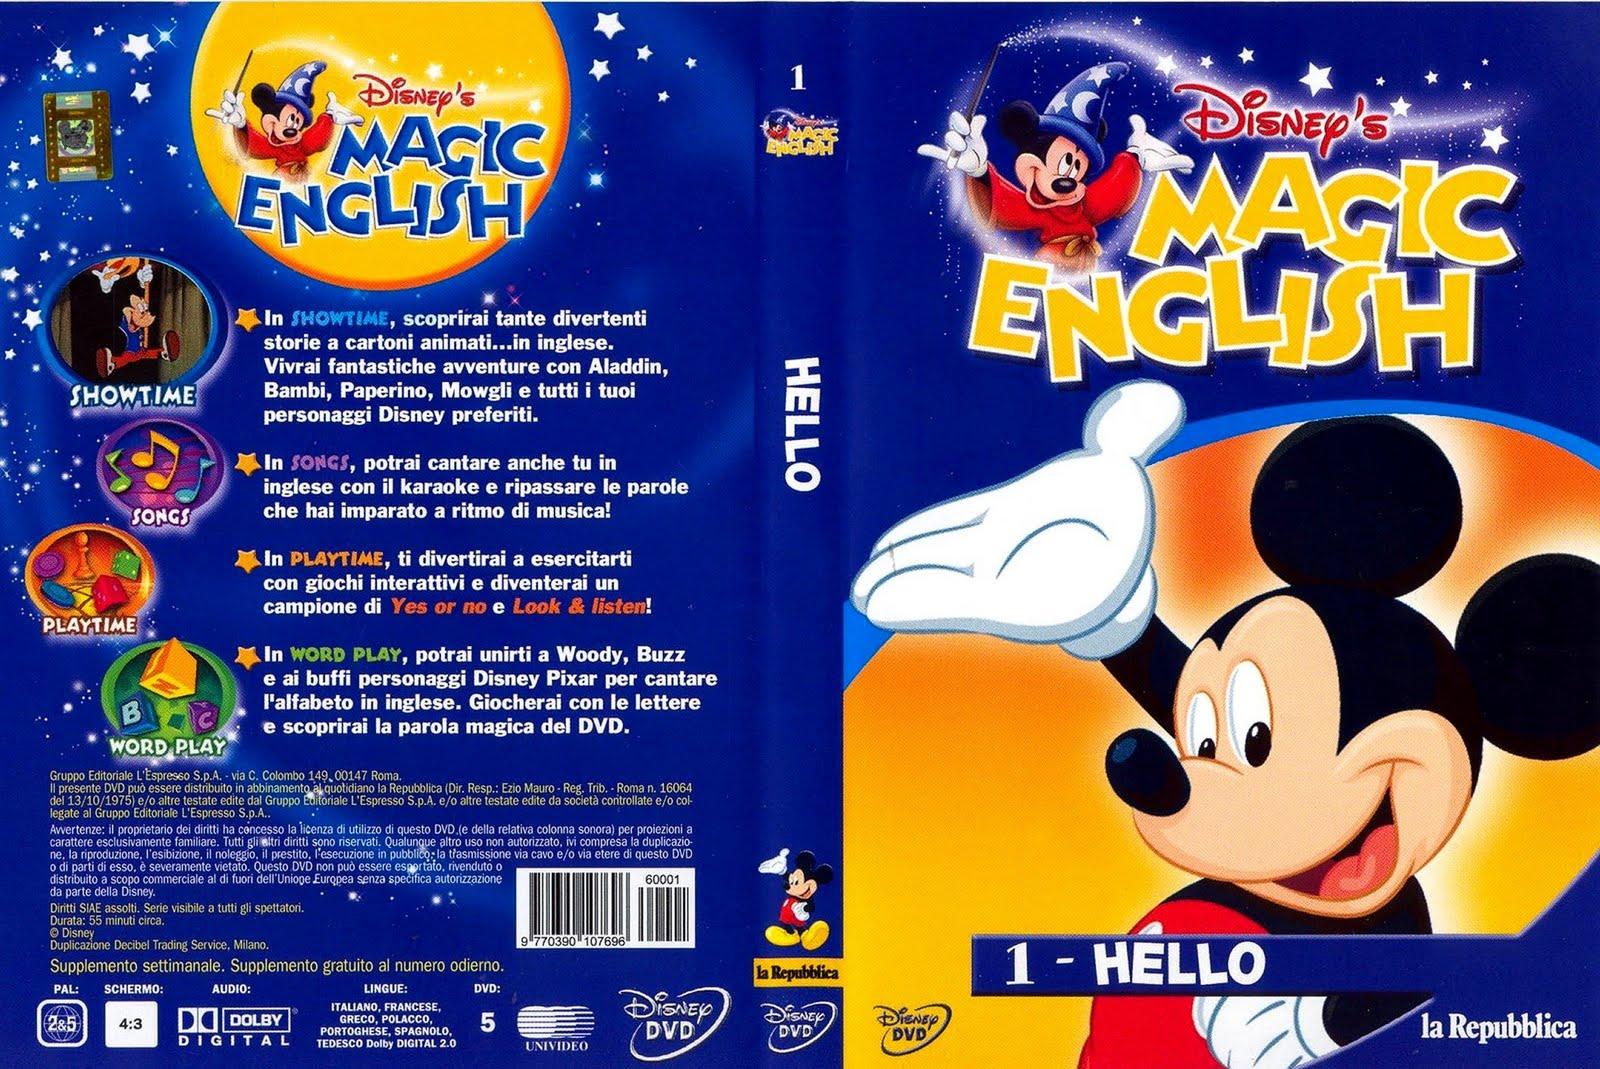 تعلم واحترف اللغة الانجليزية بأرقى وأقوى مجموعة كورسات لتعليم اللغة الانجليزية فى العالم 1hello